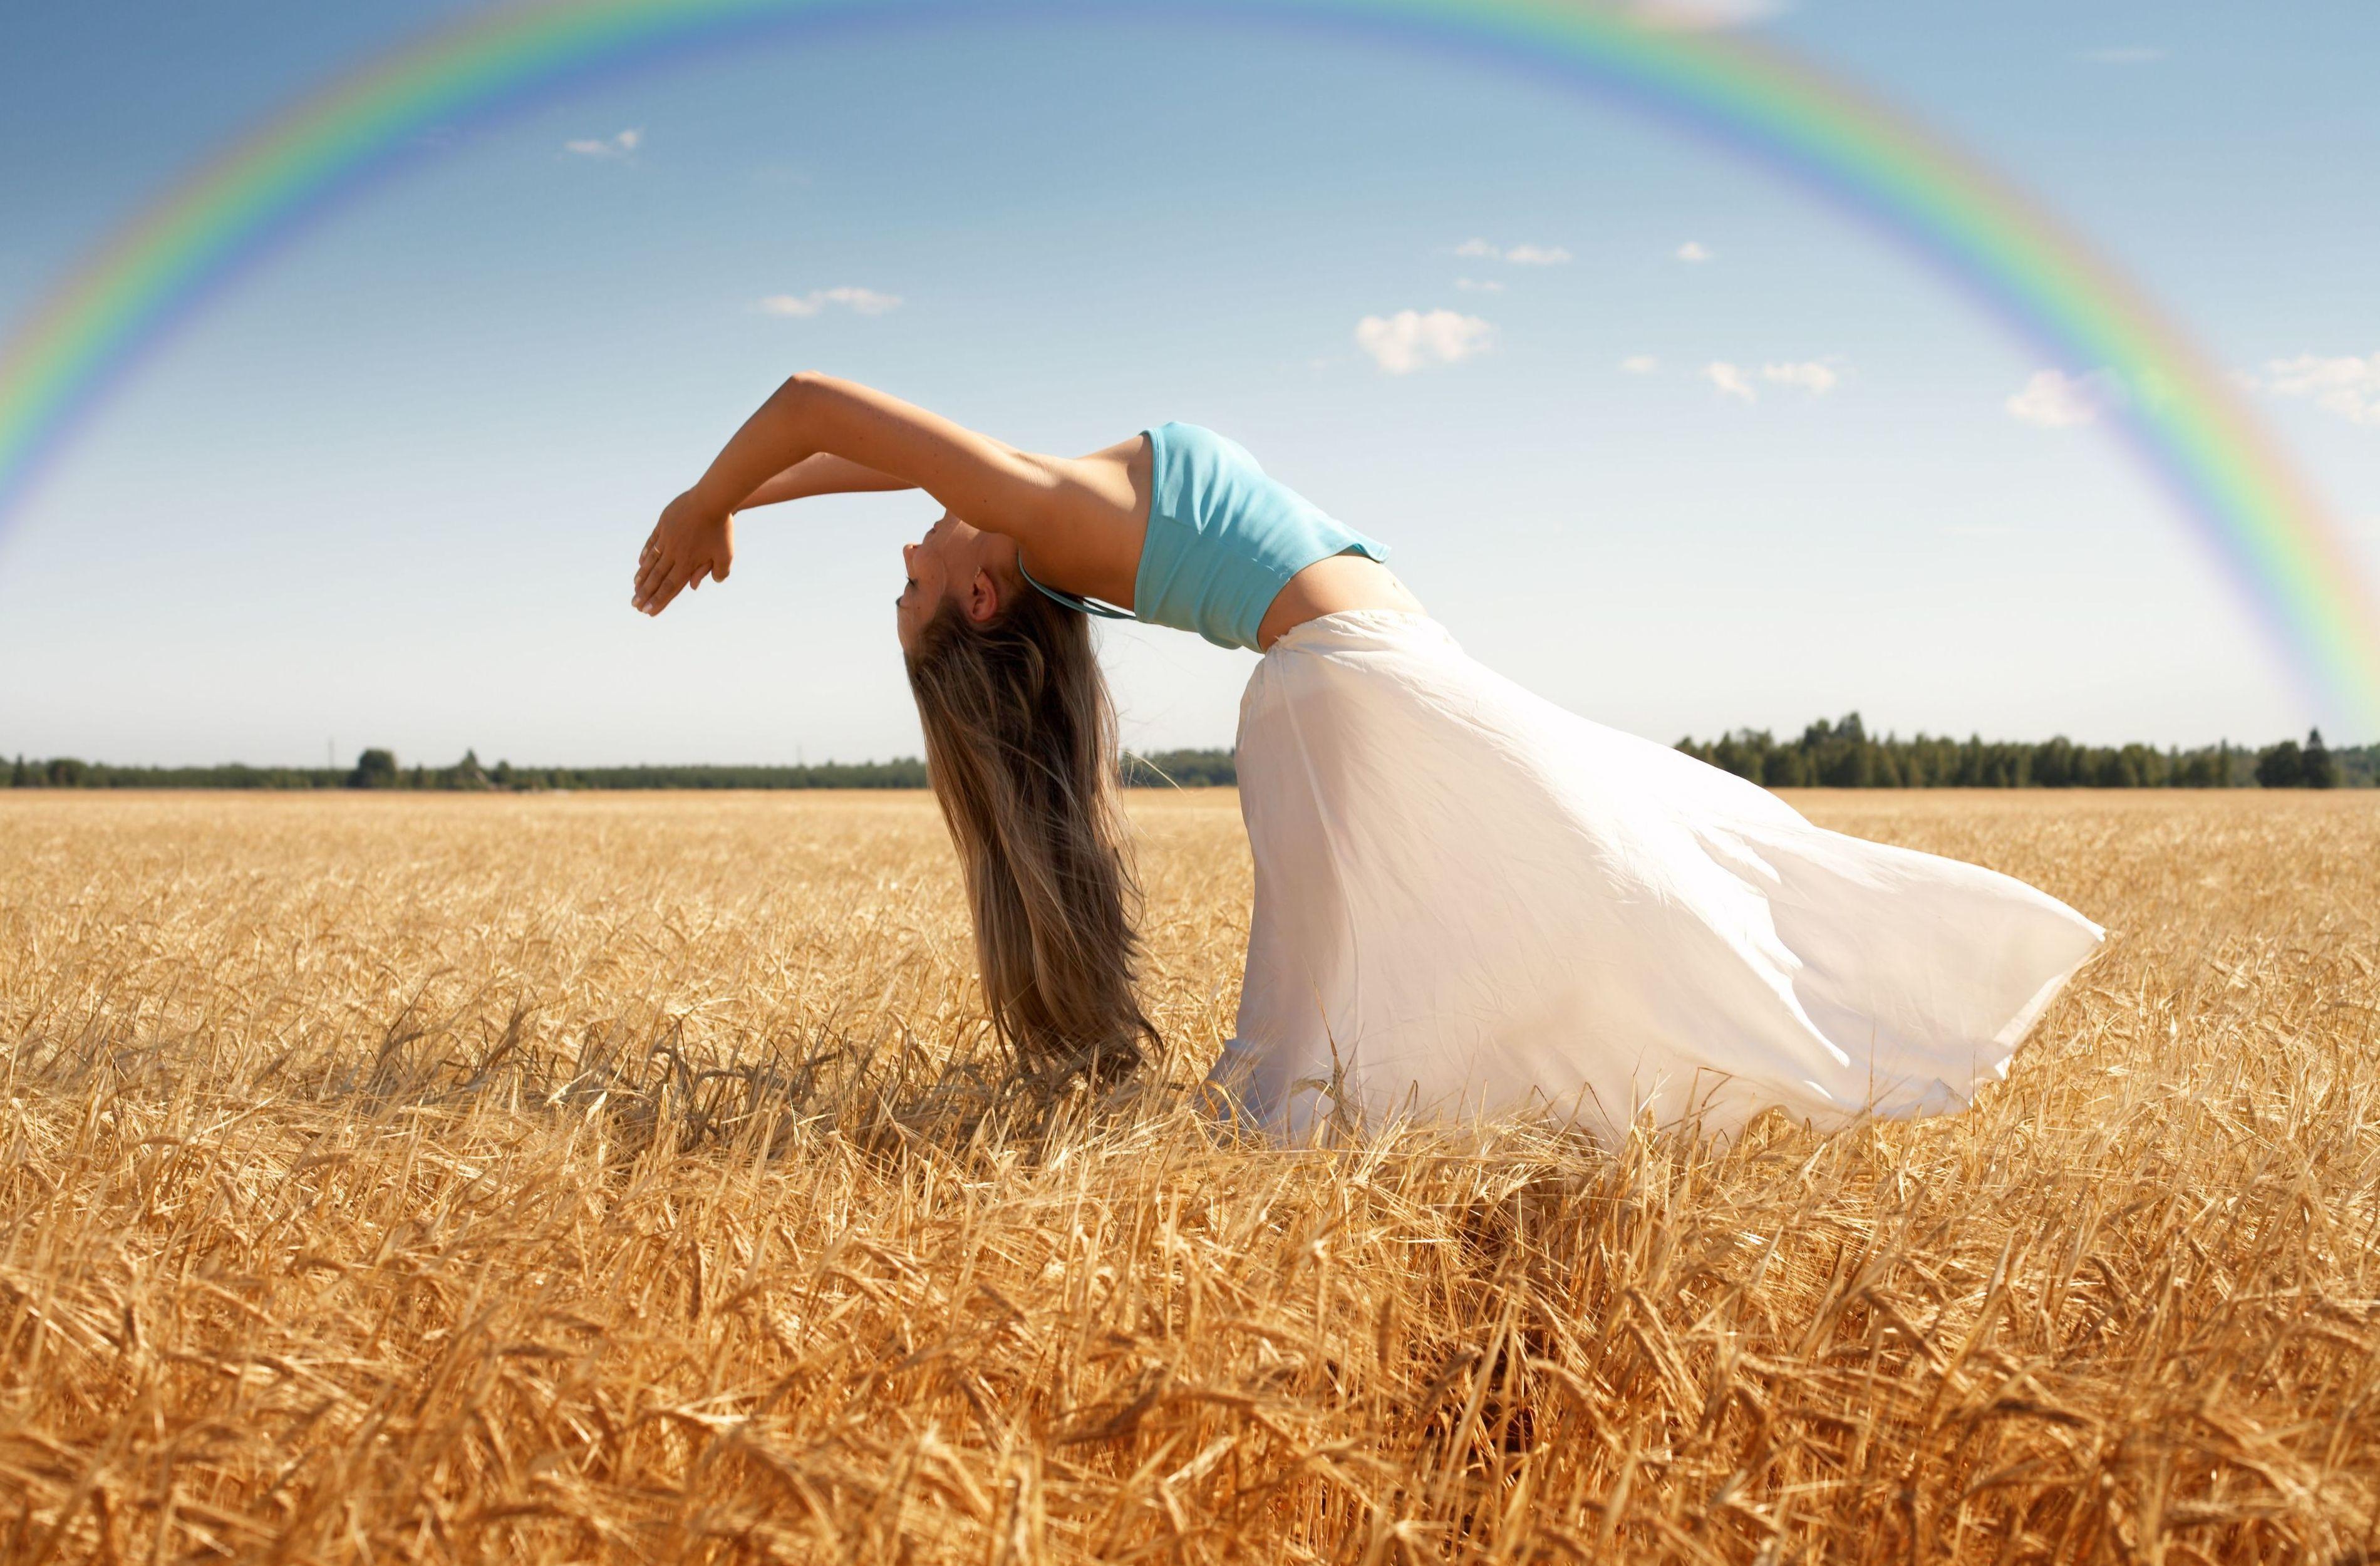 Девушка в поле с колосьями  № 1822196 бесплатно